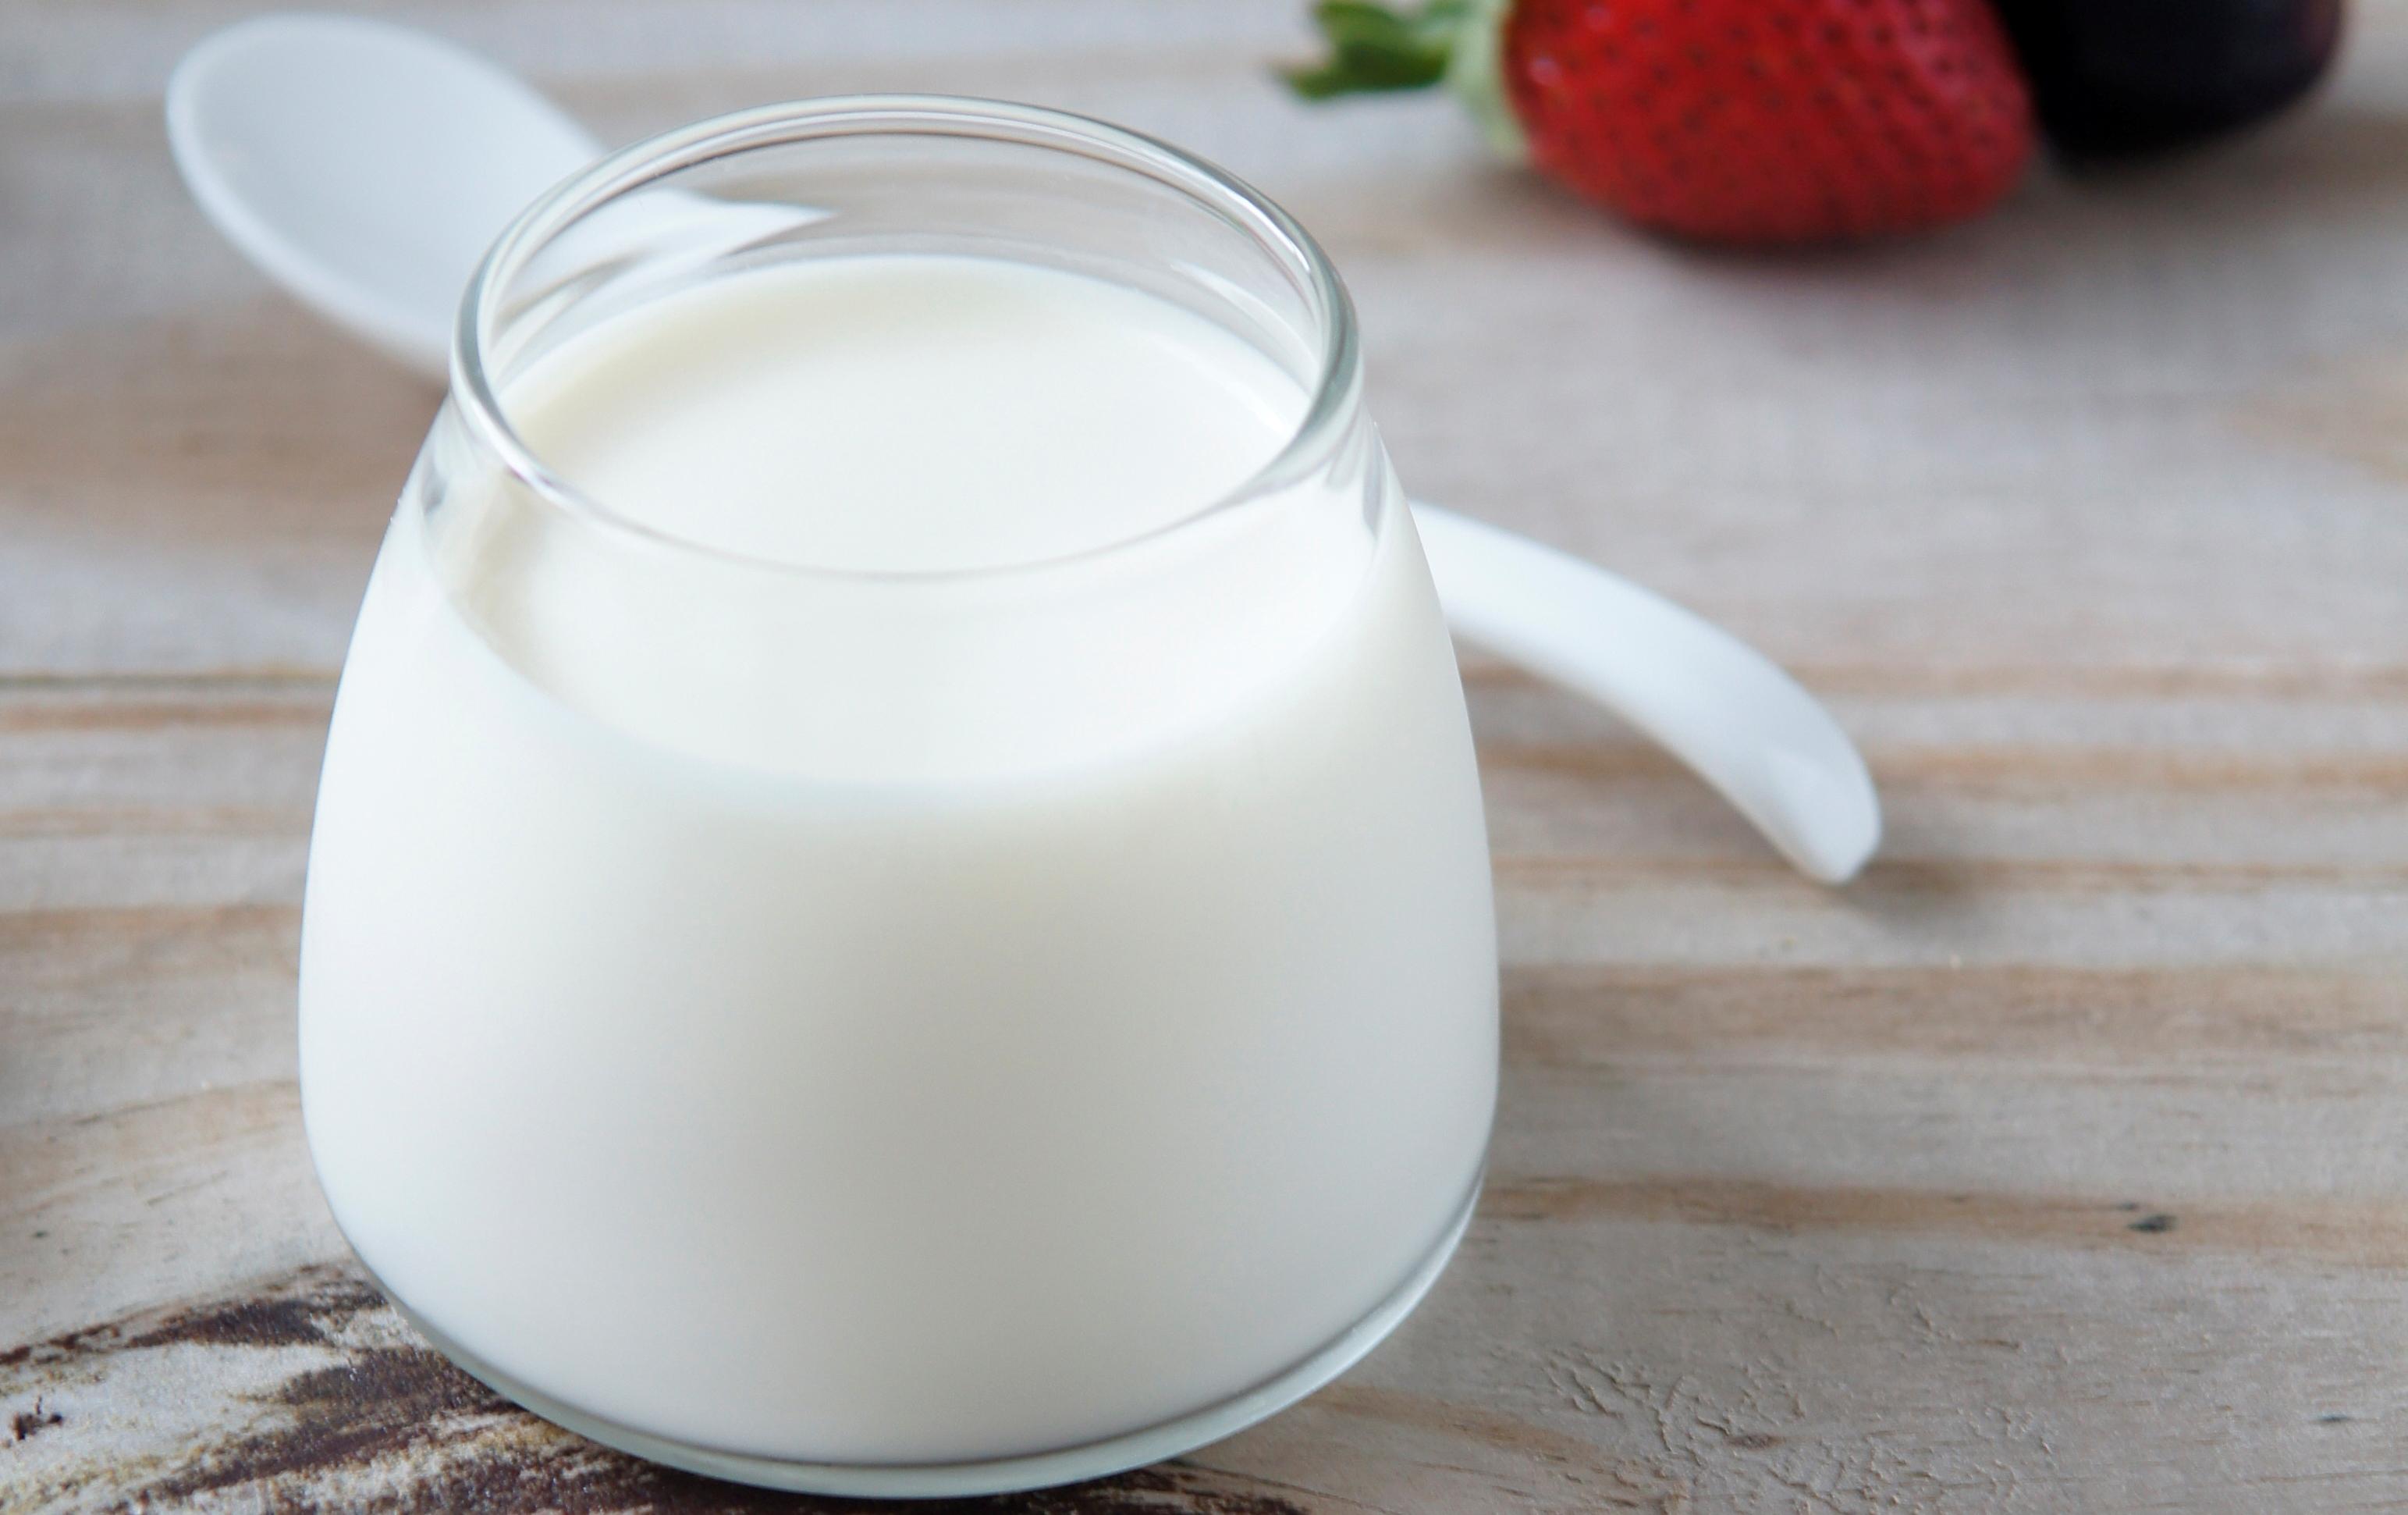 Sữa chua tốt cho hệ tiêu hóa và cung cấp nhiều chất dinh dưỡng cho bé